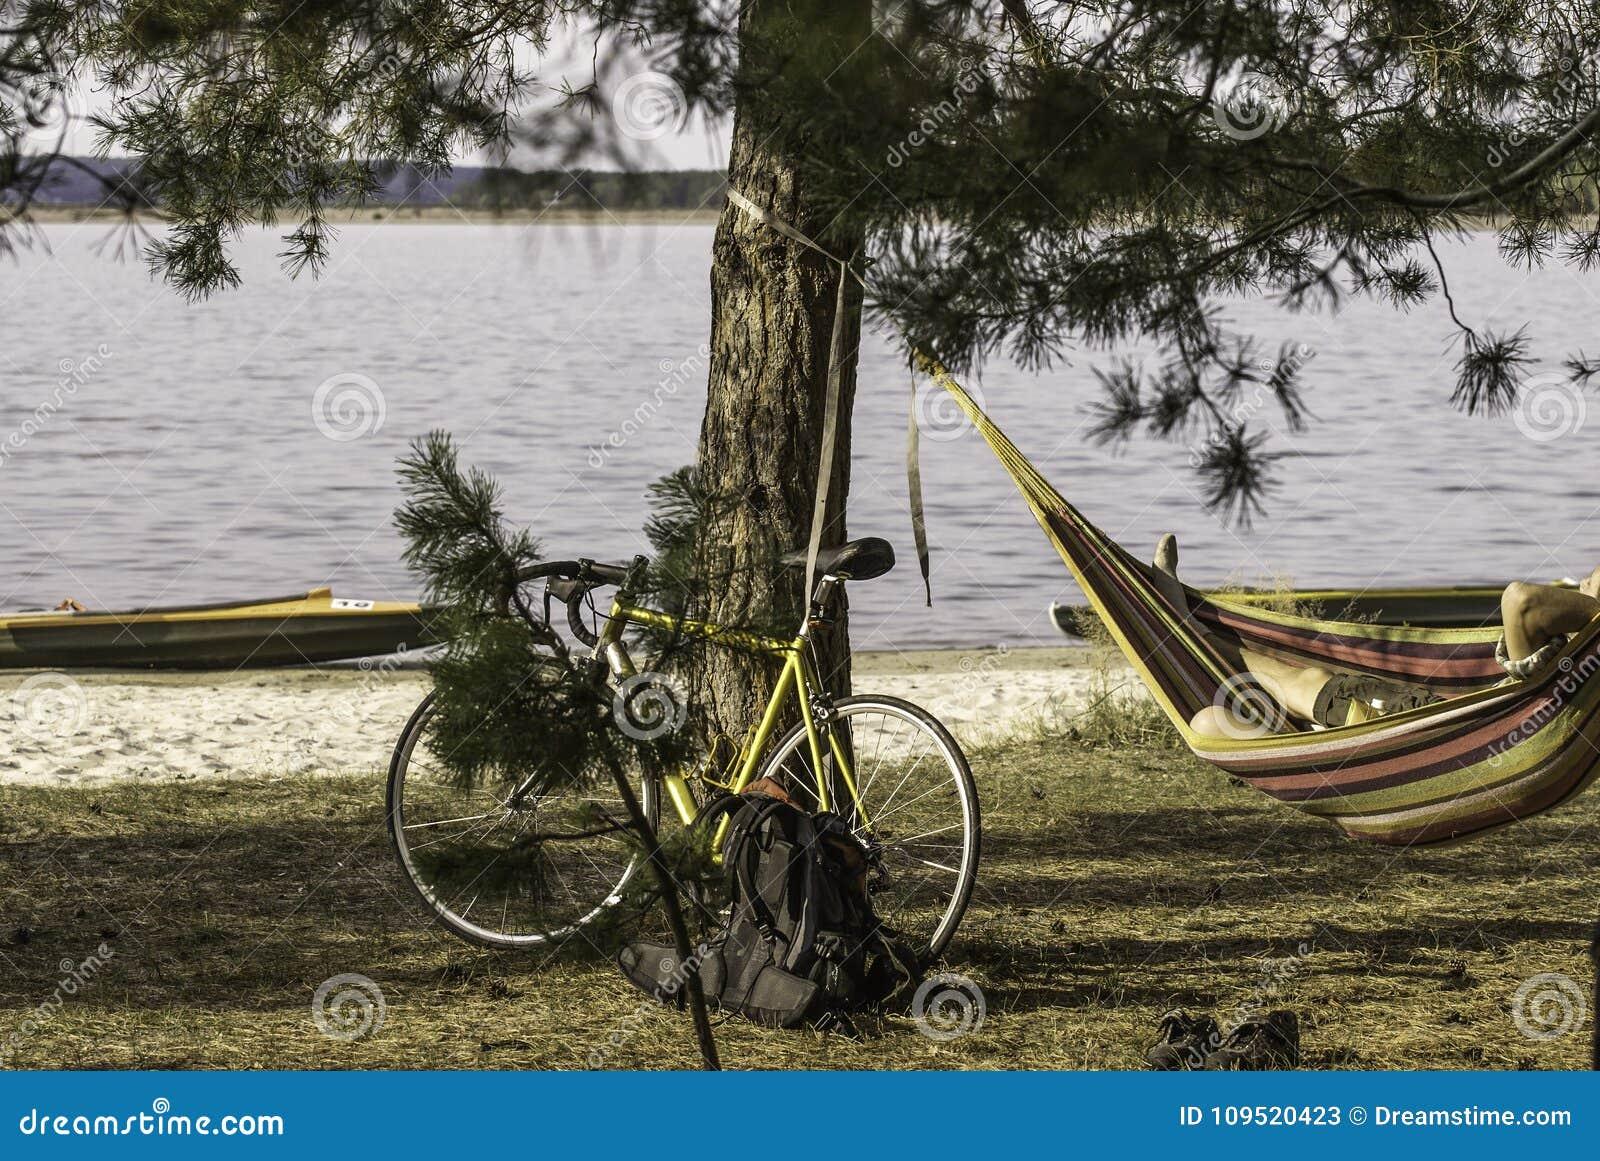 En cykel nära sörja på flodbanken, en cyklist som vilar i en hängmatta